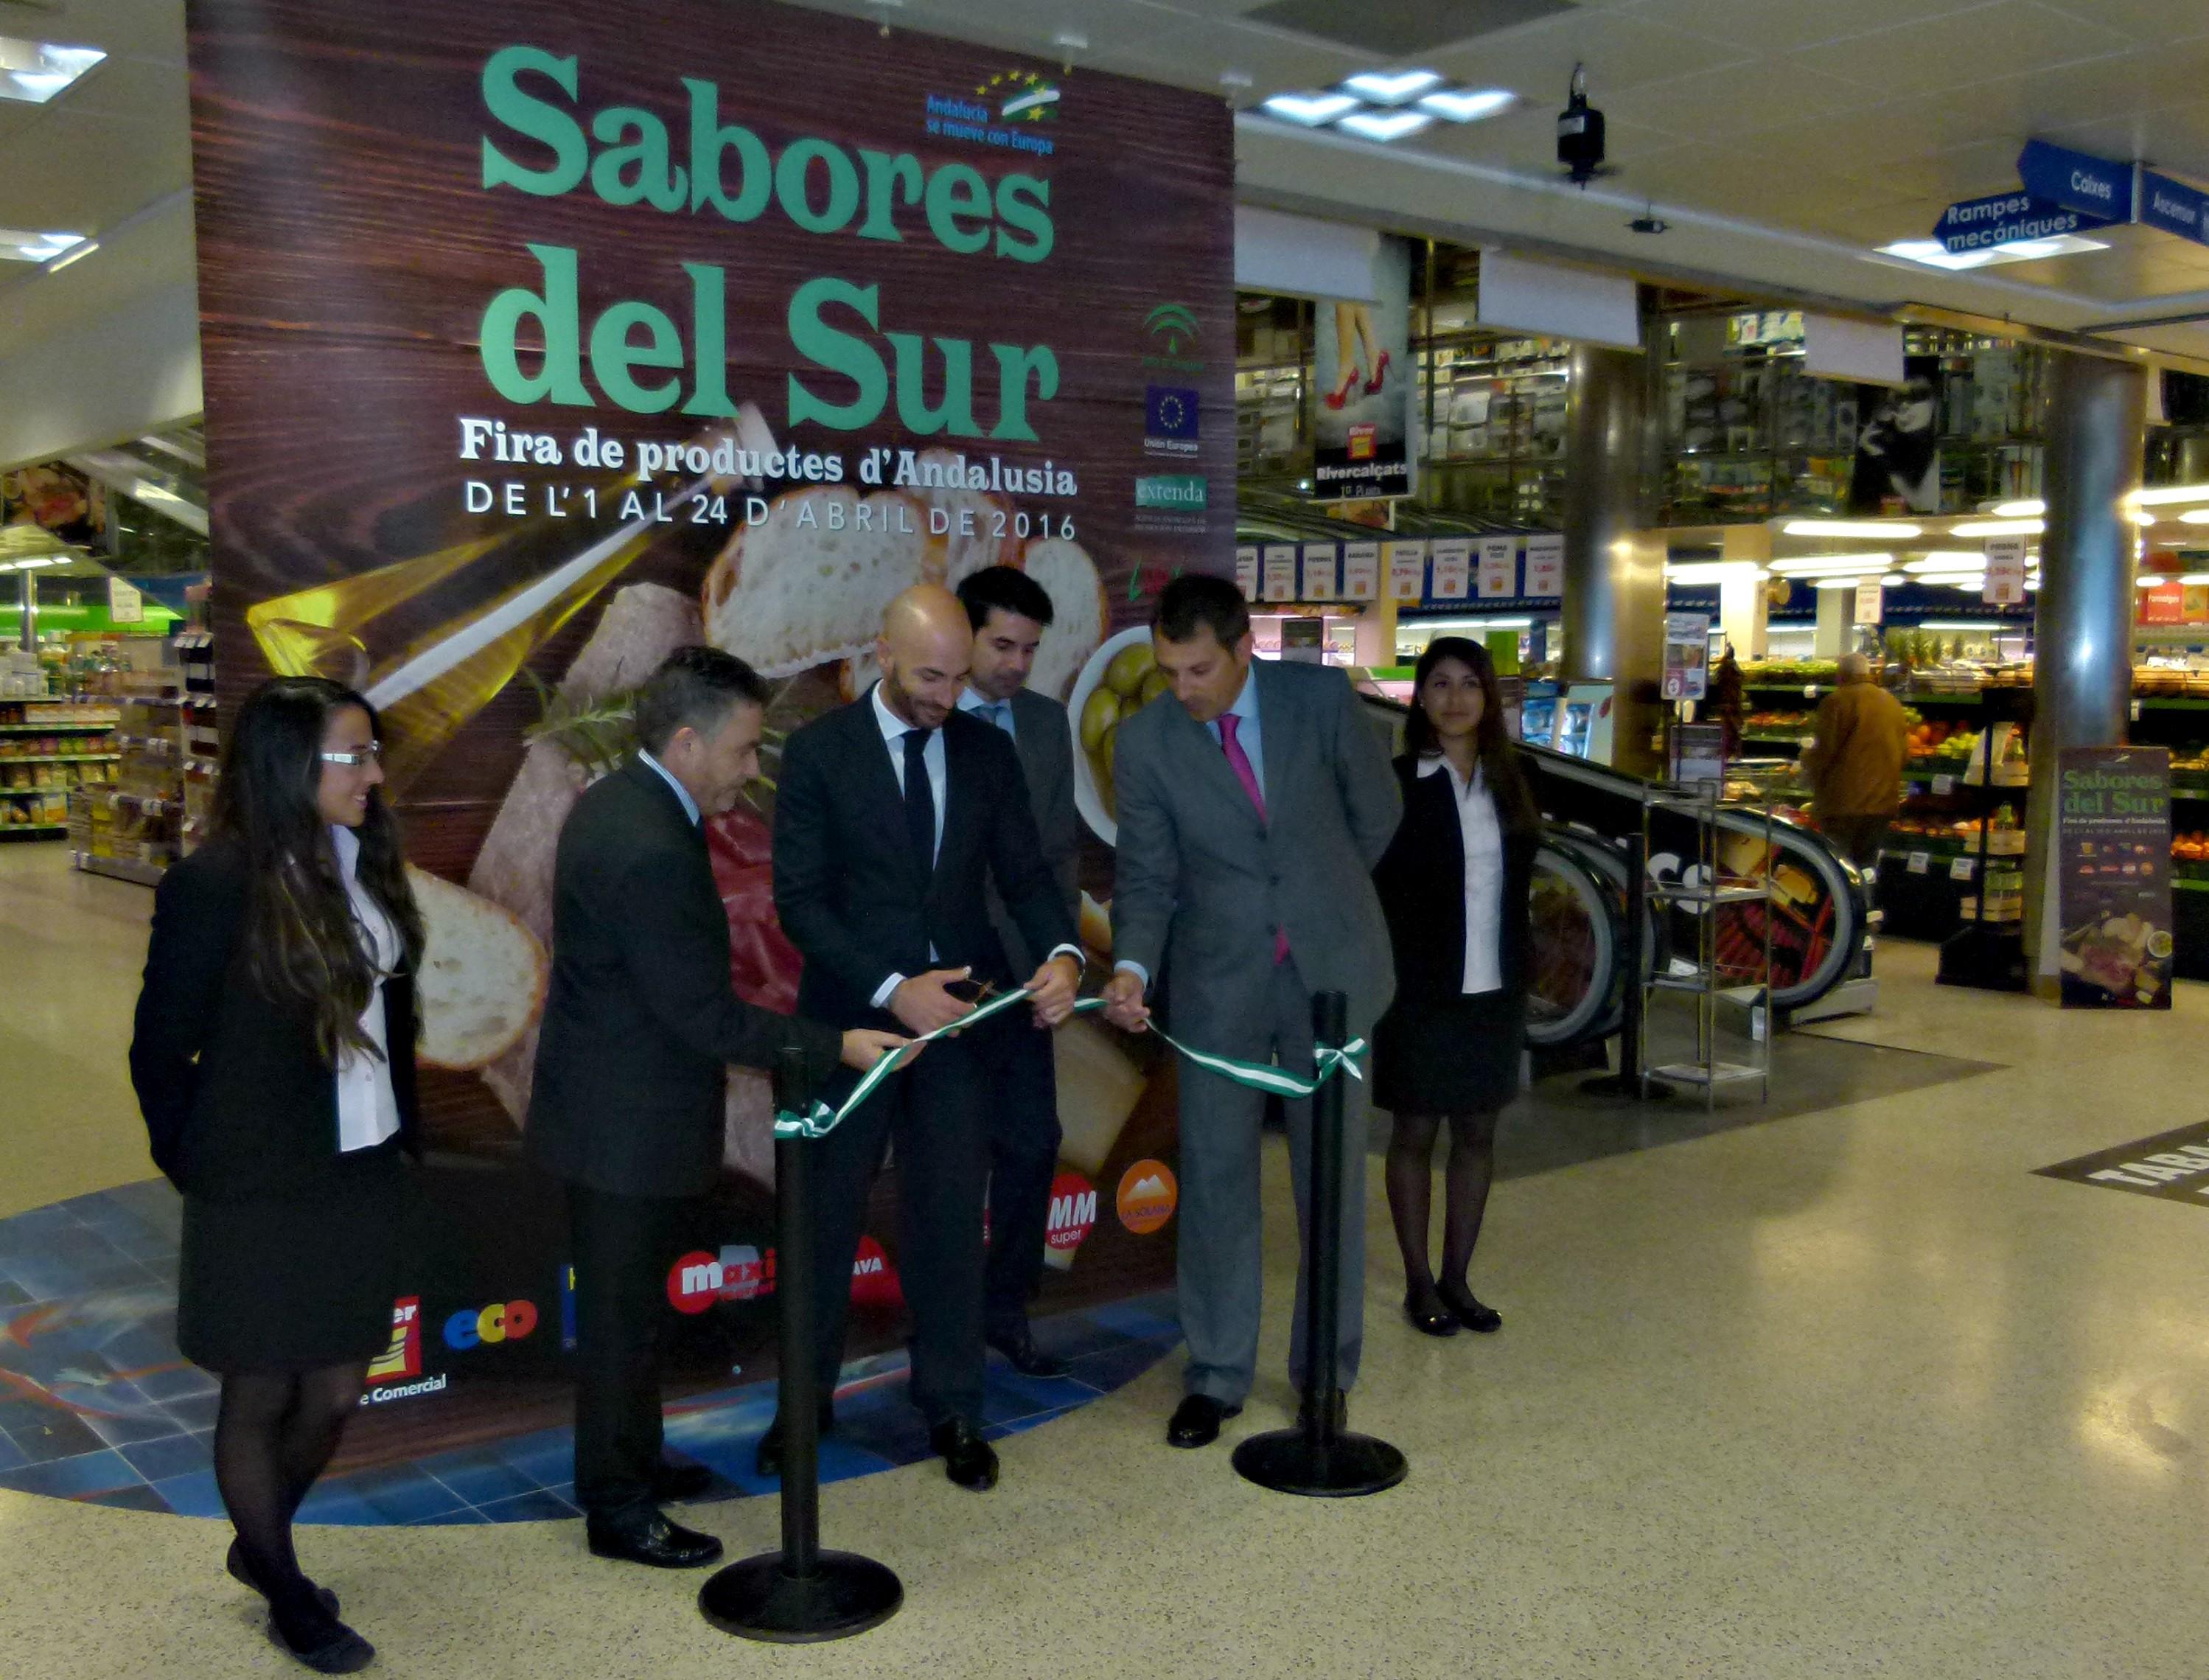 Lándaluz y EXTENDA organizan la promoción de 172 marcas de 39 empresas andaluzas en los centros Merca Center de Andorra